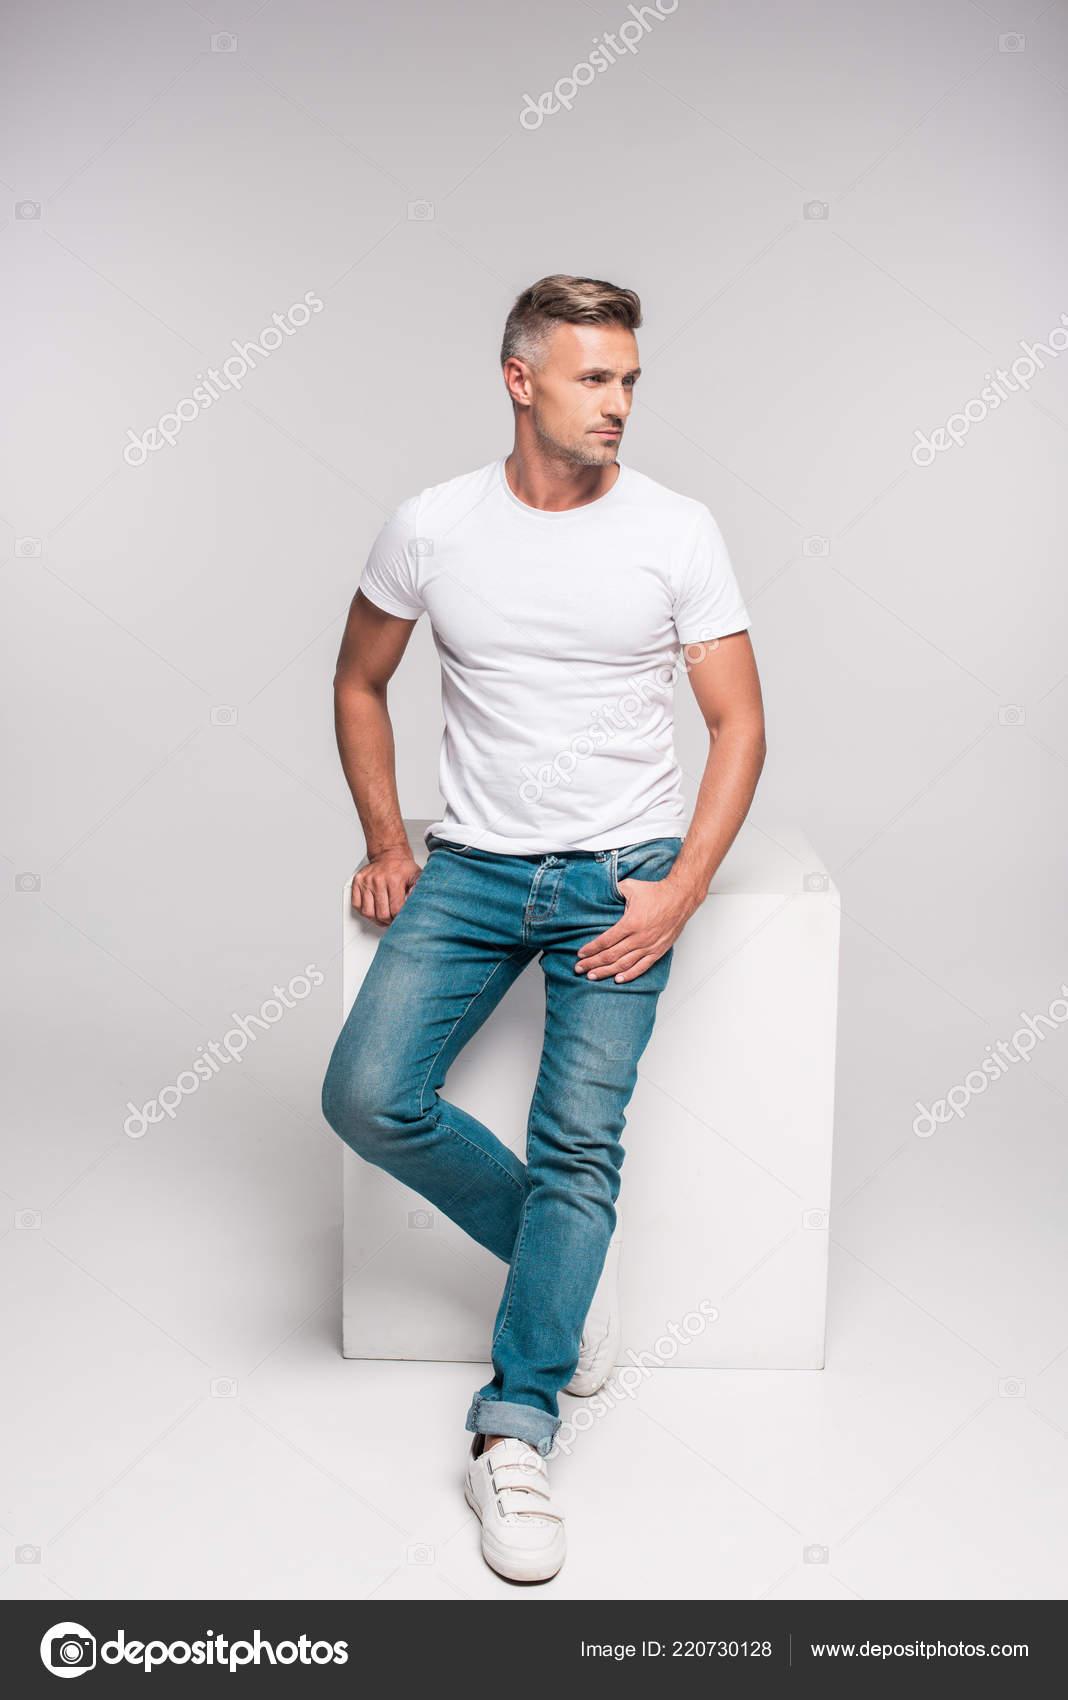 white handsome man